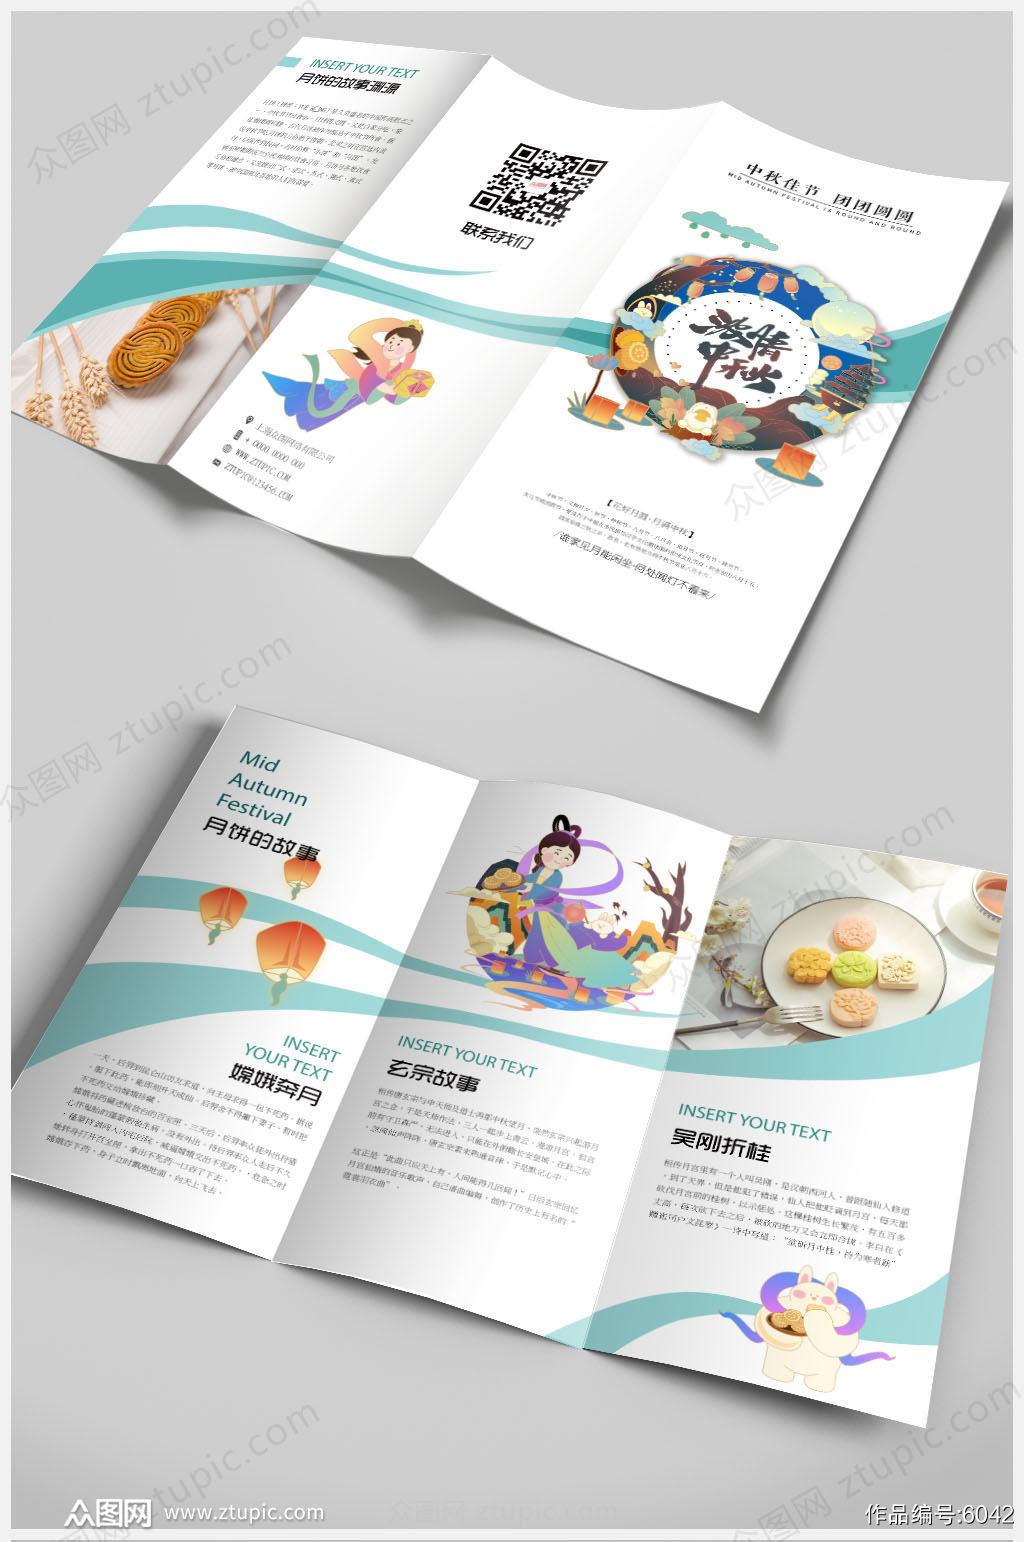 中秋节产品宣传三折页素材